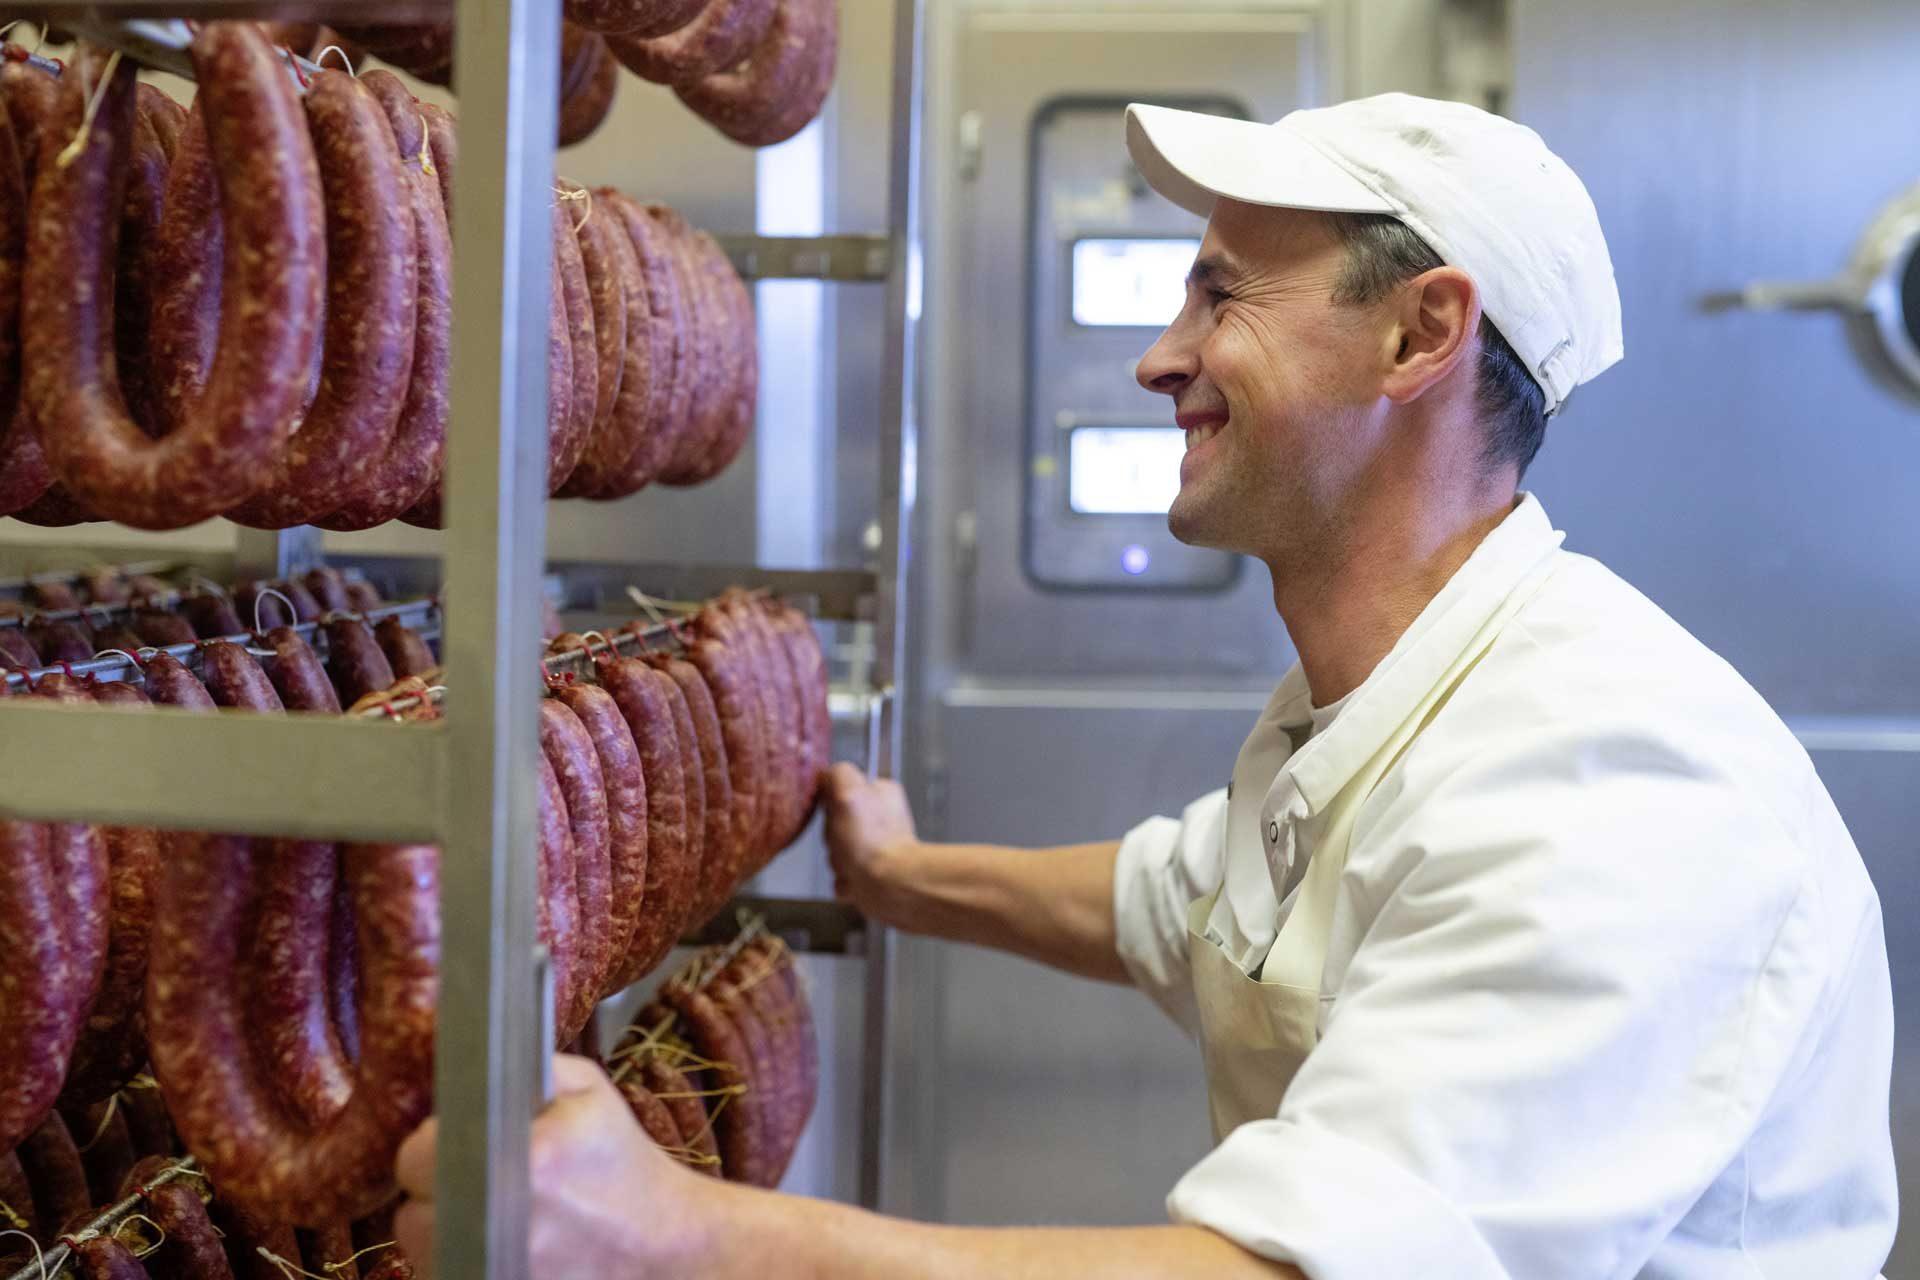 Buchaer Fleischermeister bei der Arbeit